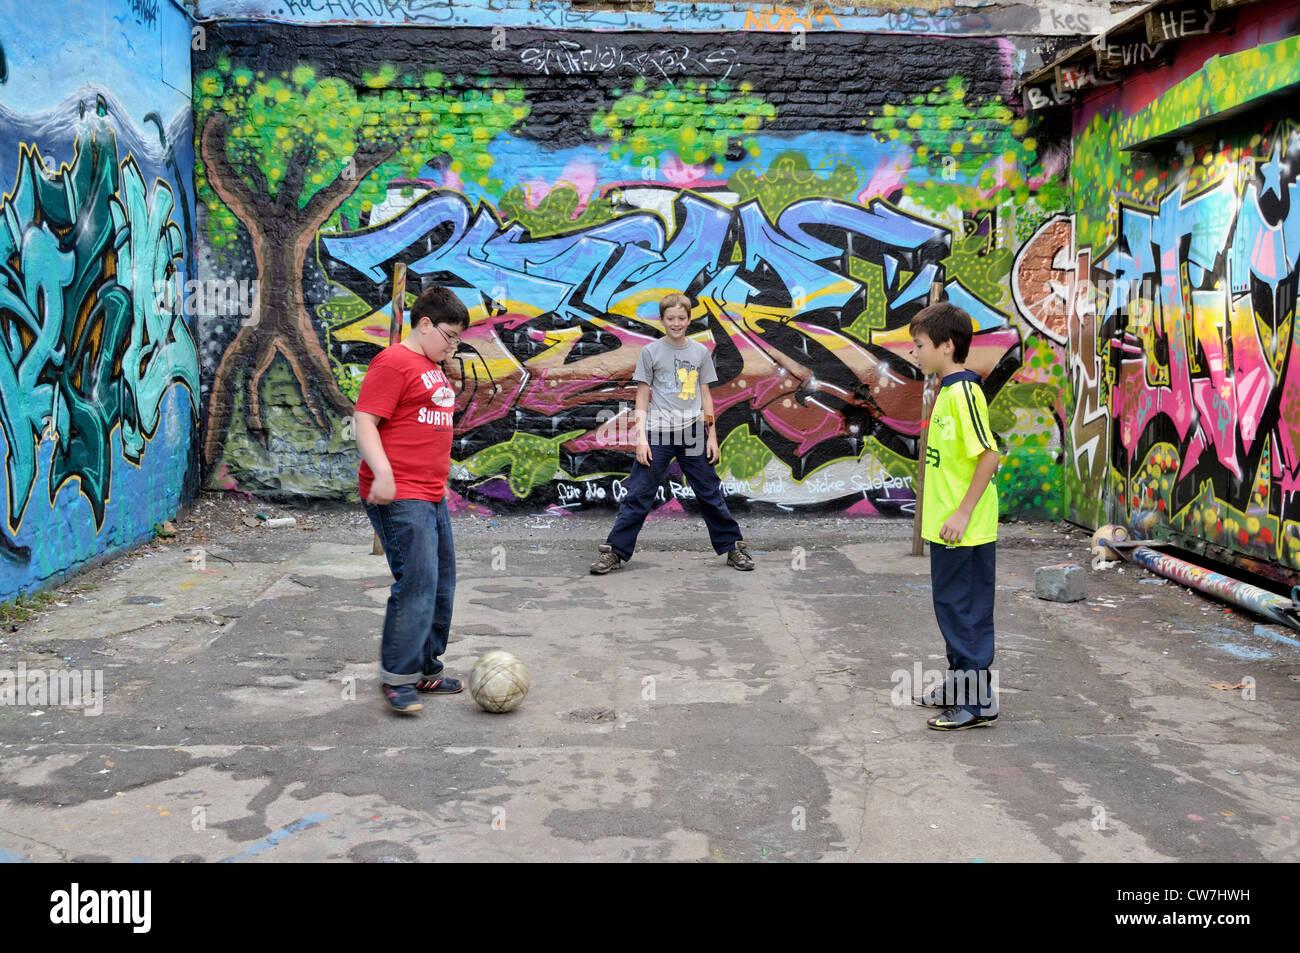 Serbisch, Deutsch und Thai jungen zusammen Fußball spielen, auf der Straße, Deutschland, Nordrhein-Westfalen, Stockbild